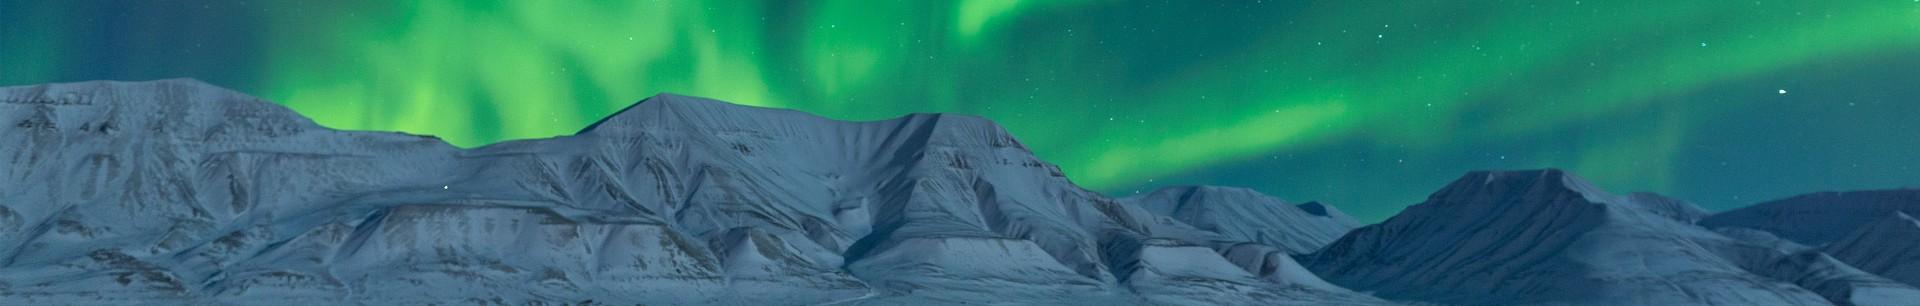 Polar-postkort: Svalbard-postkort og Antarktis-postkort, sett med 12 postkort hver. Limitert utgave.